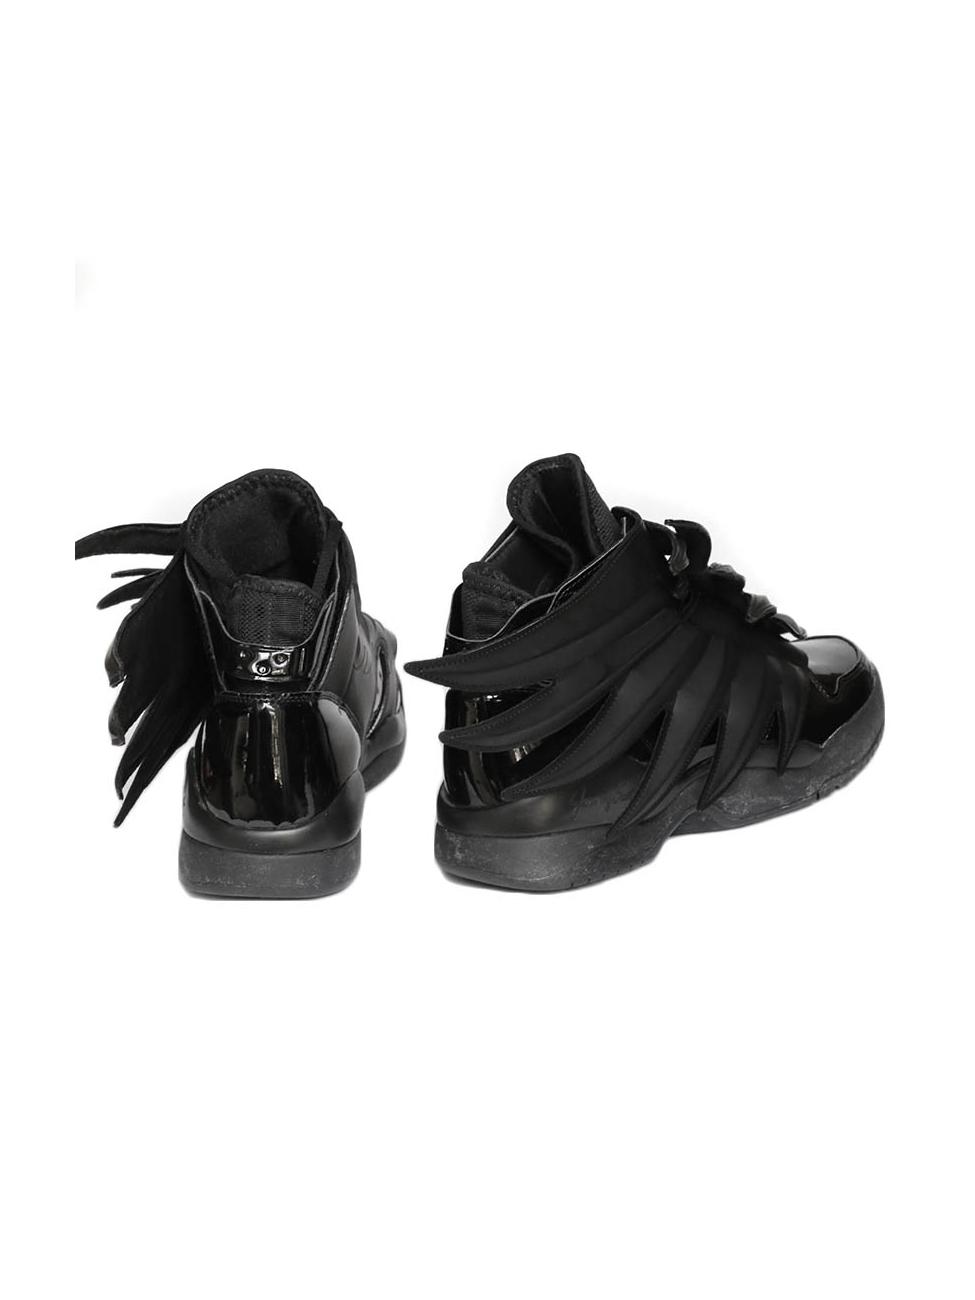 Louise Paris Adidas Originals by Jeremy Scott Dark Knight